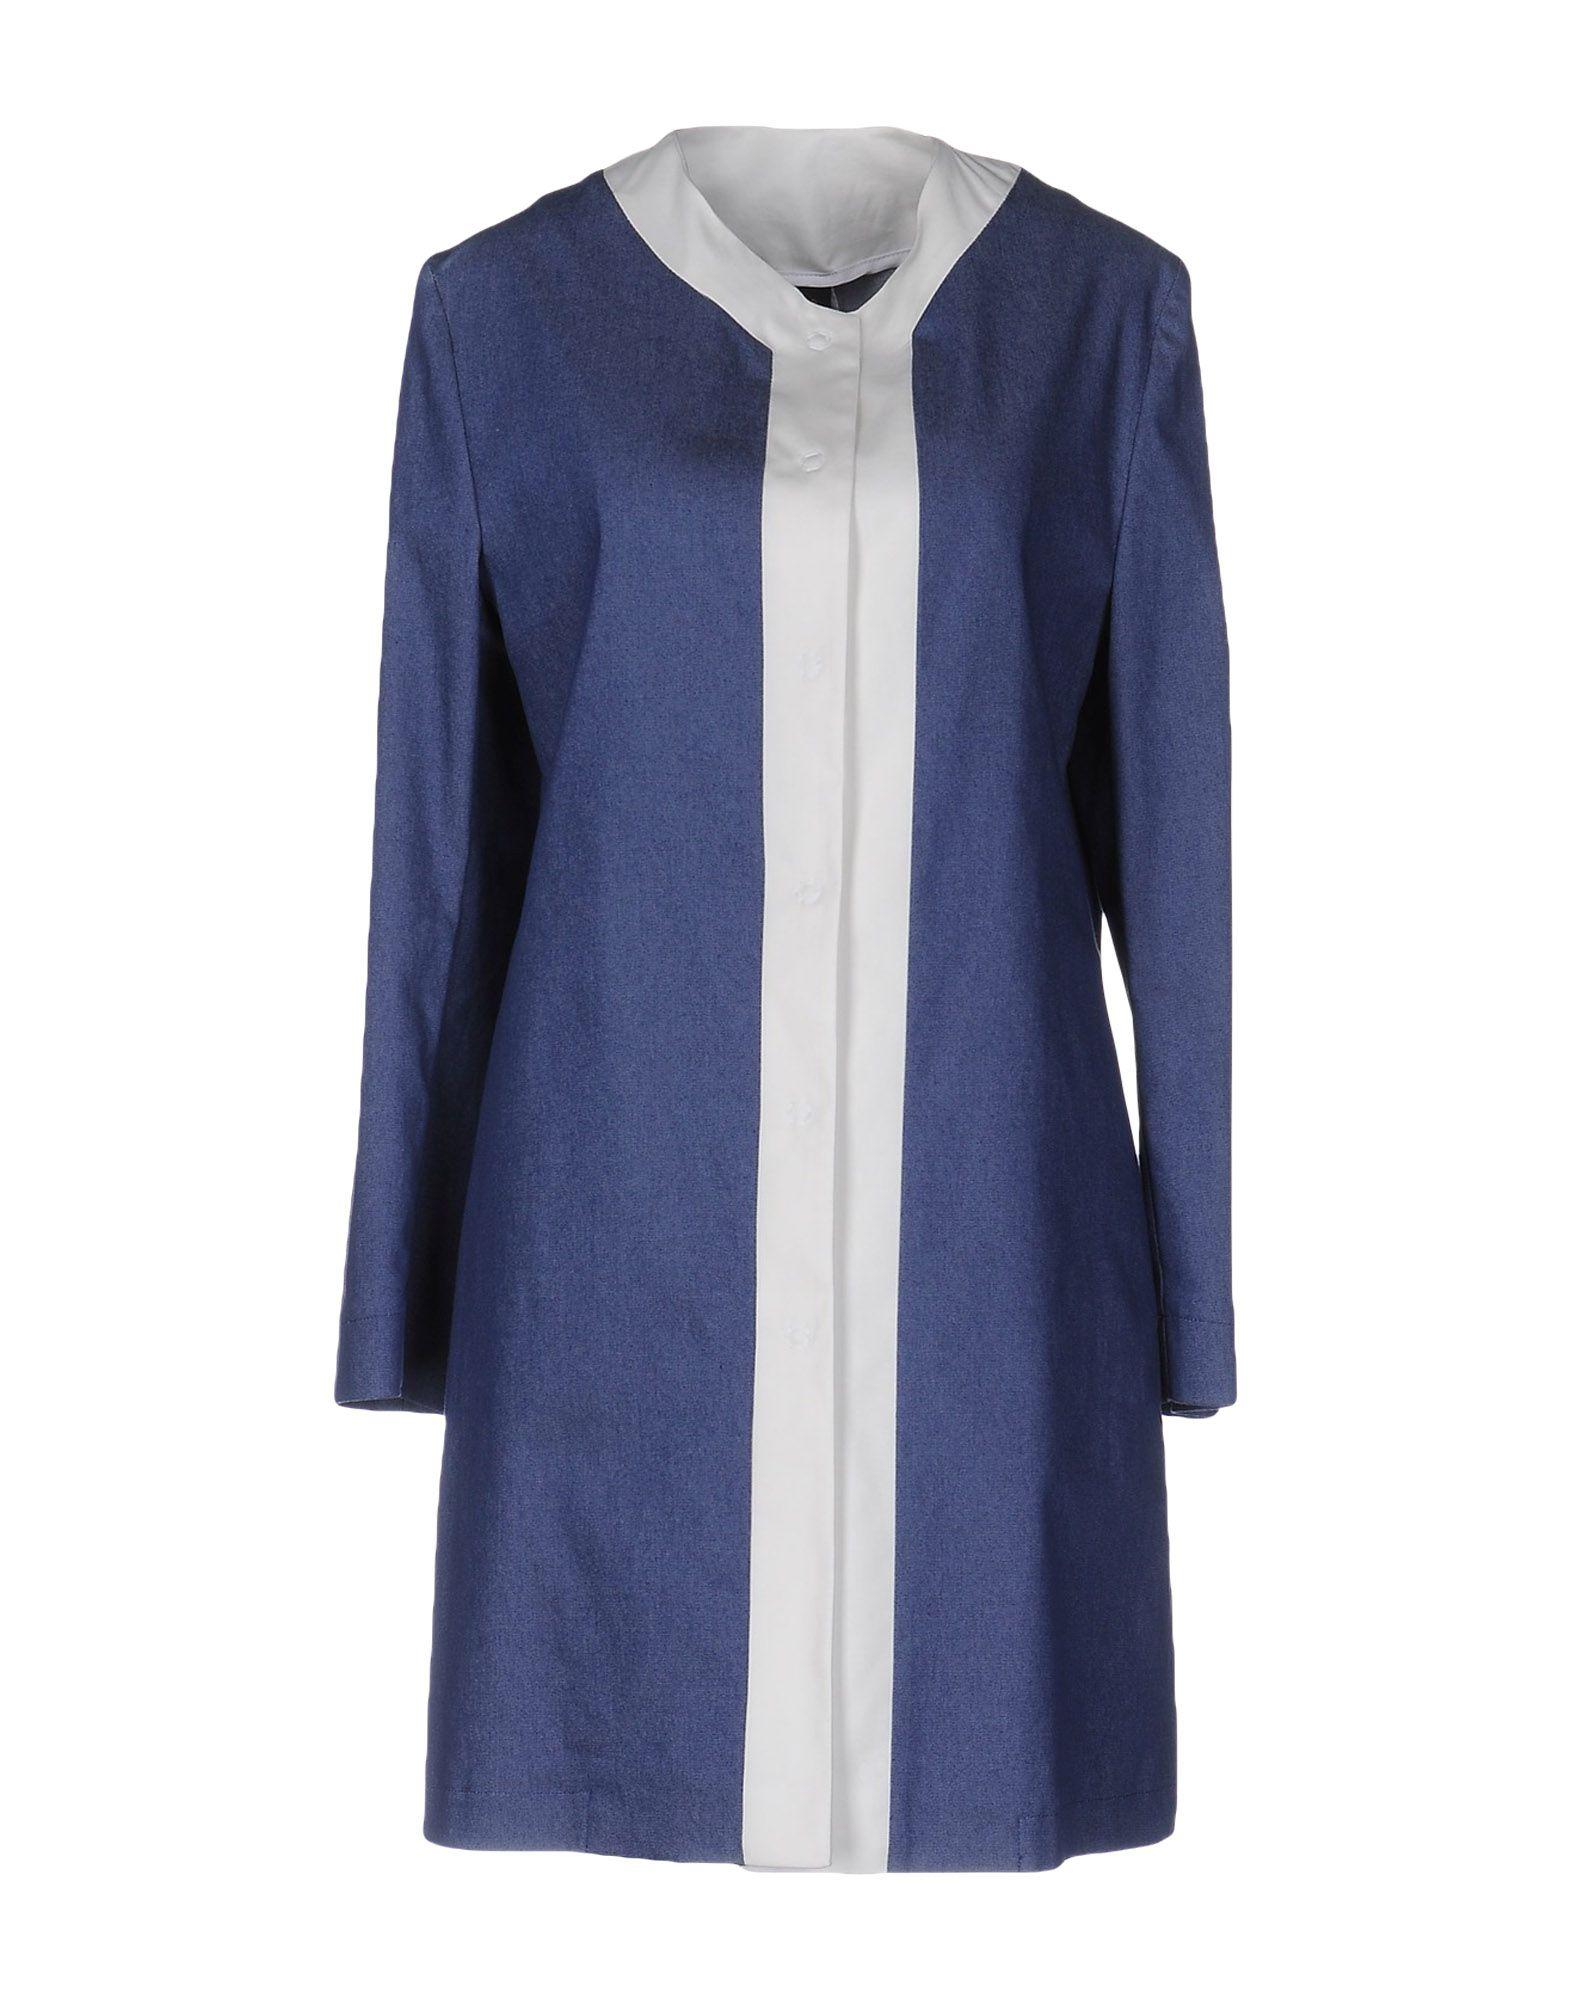 GUTTHA Damen Lange Jacke Farbe Blau Größe 5 jetztbilligerkaufen